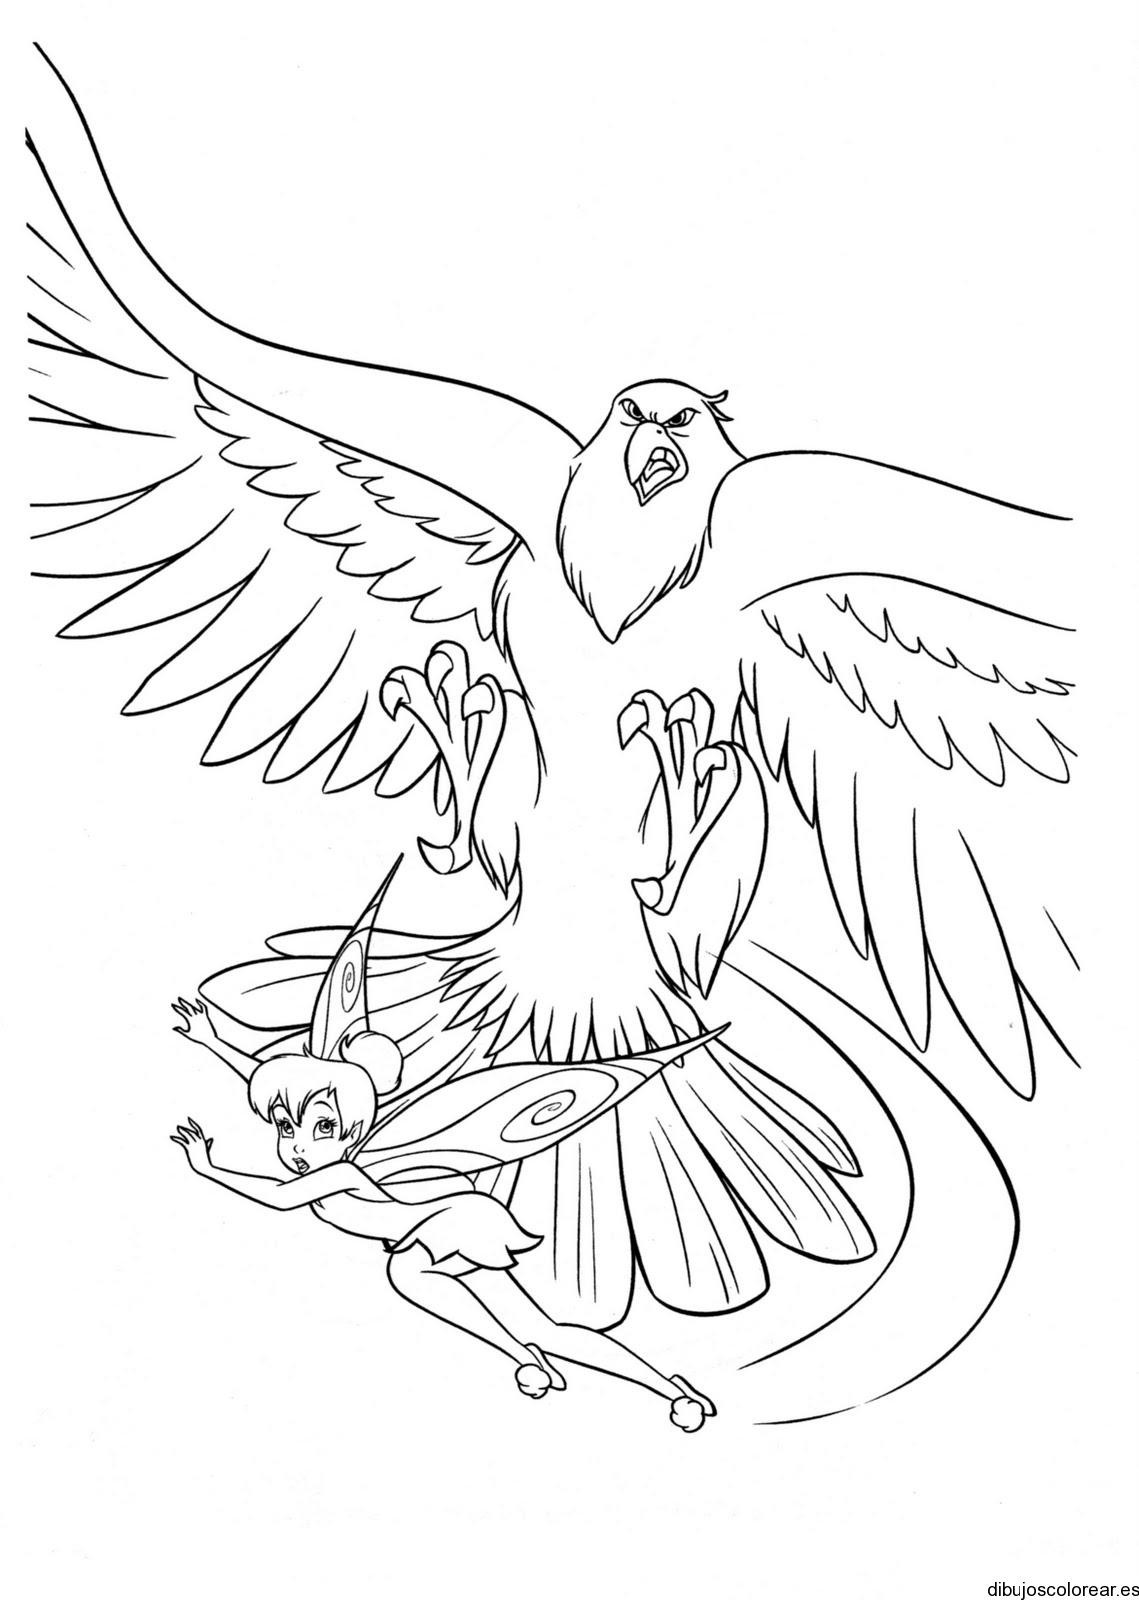 Dibujo de un águila y campanita